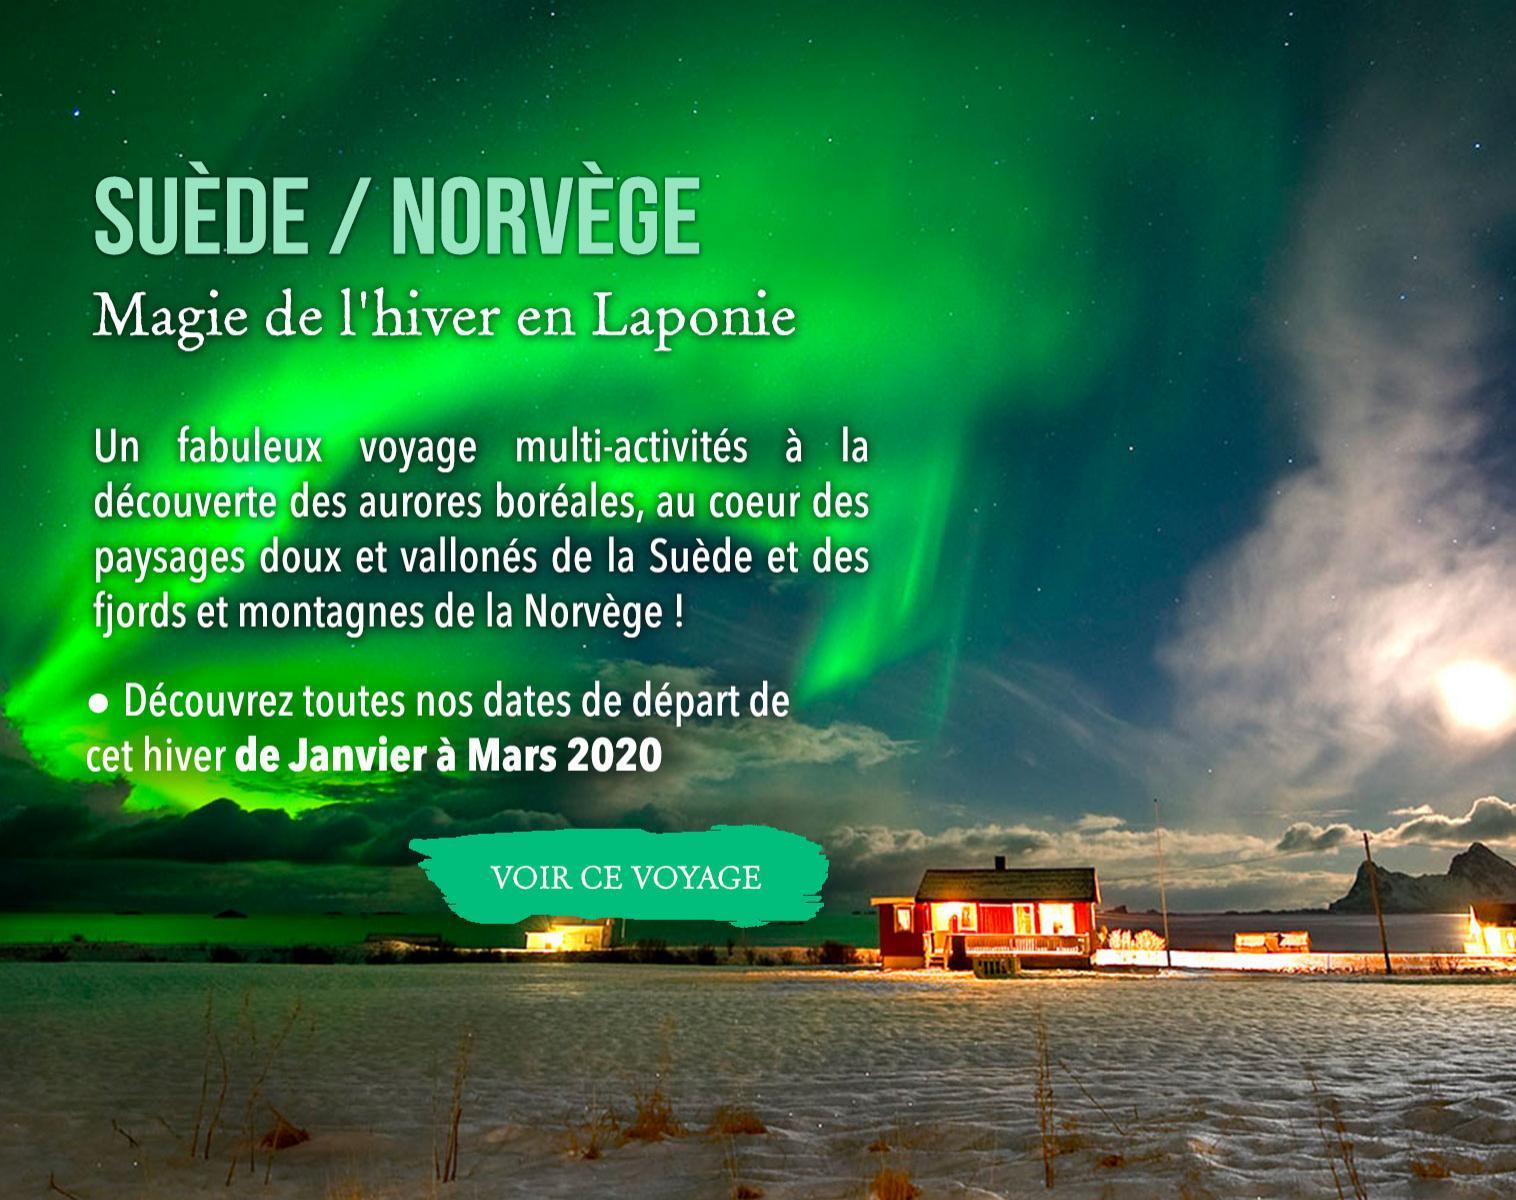 Norvège, Magie de l'hiver en Laponie